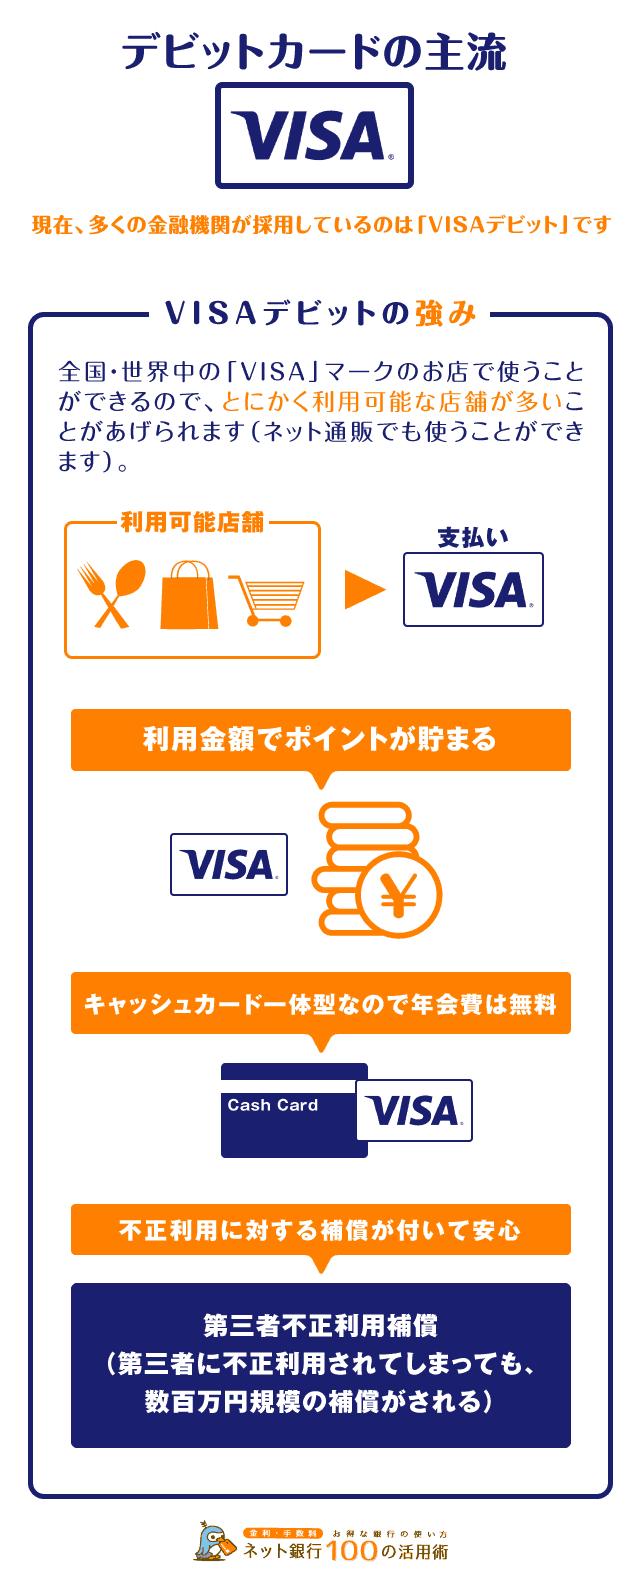 デビットカードの主流はVISA